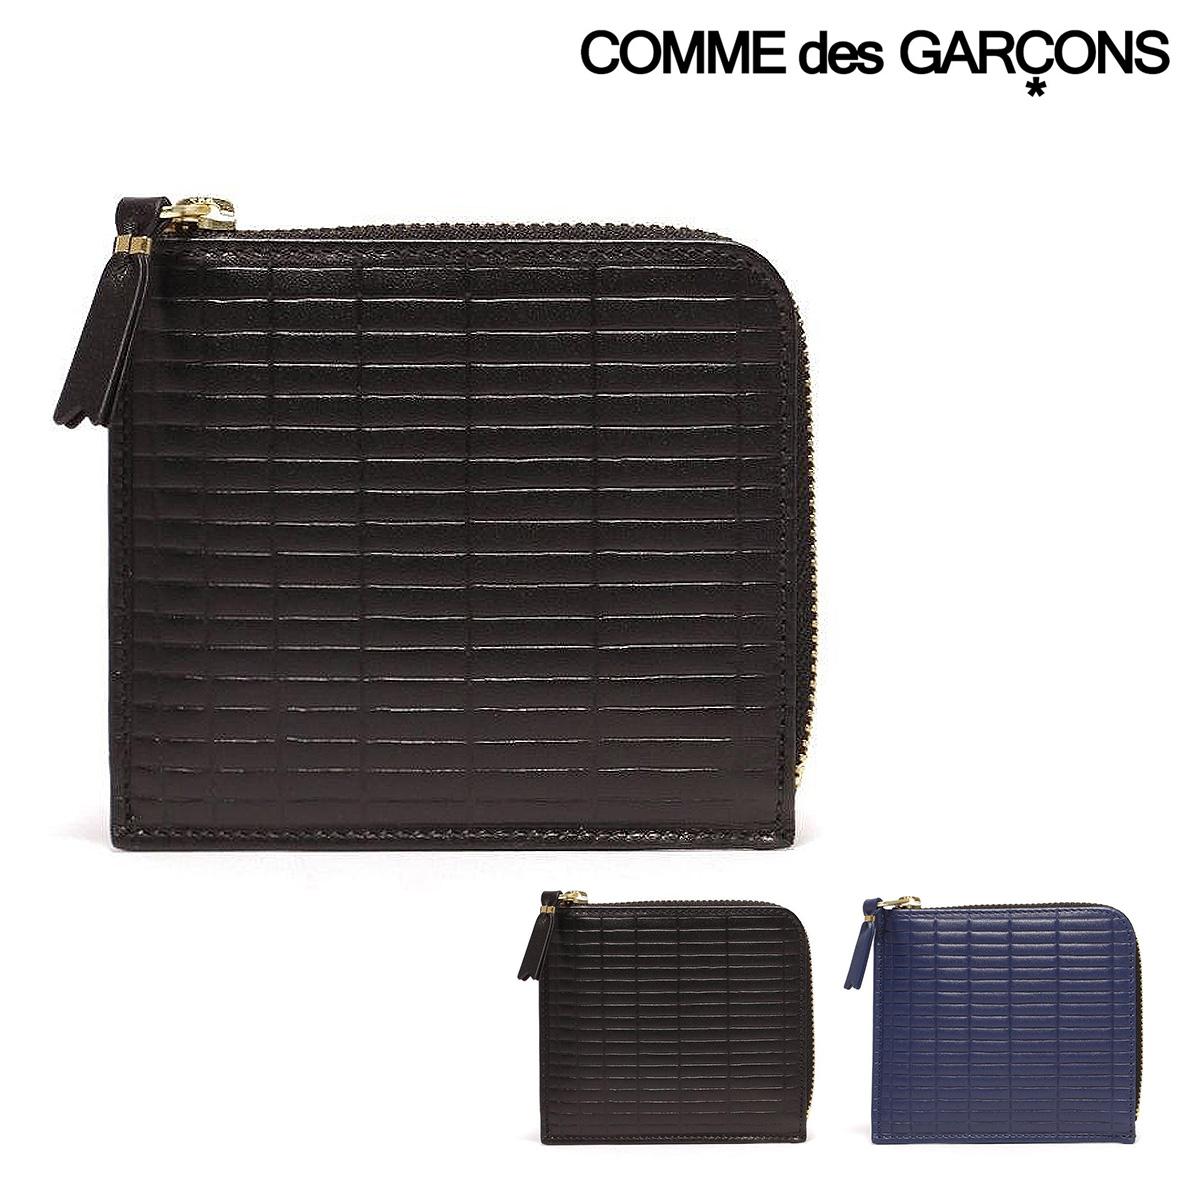 コムデギャルソン 財布 小銭入れ メンズ レディース SA3100 COMME des GARCONS | ブリックウォレット L字ファスナー レザー ブランド専用BOX付き